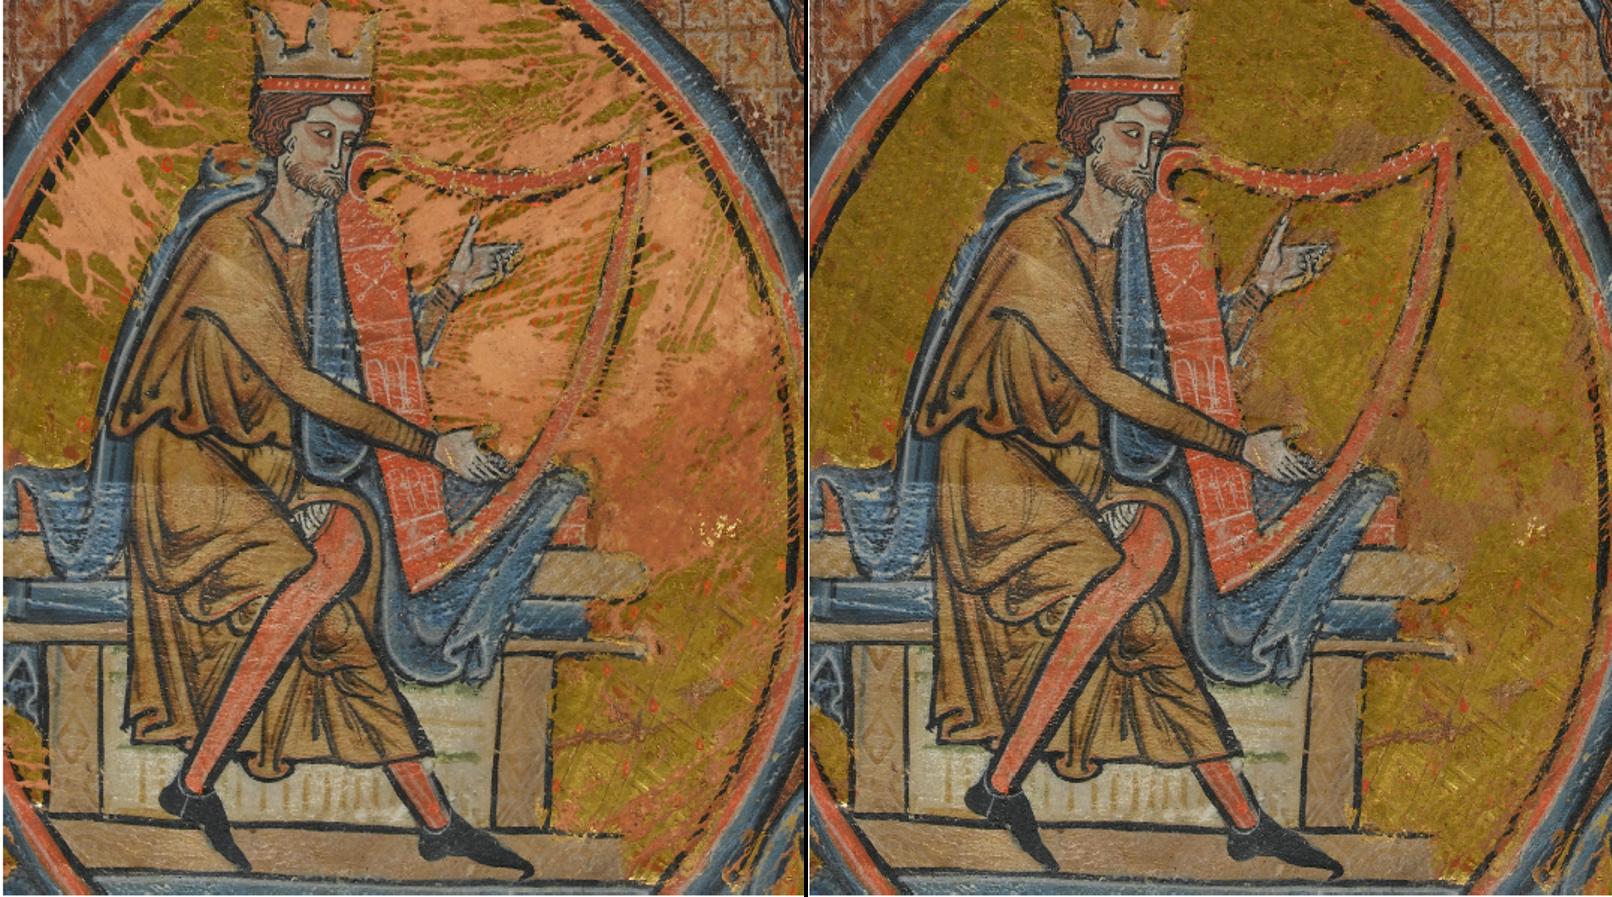 Image d'une restauration digitale d'un manuscrit enluminé conservé au musée Fitzwilliam de Cambridge (RU)